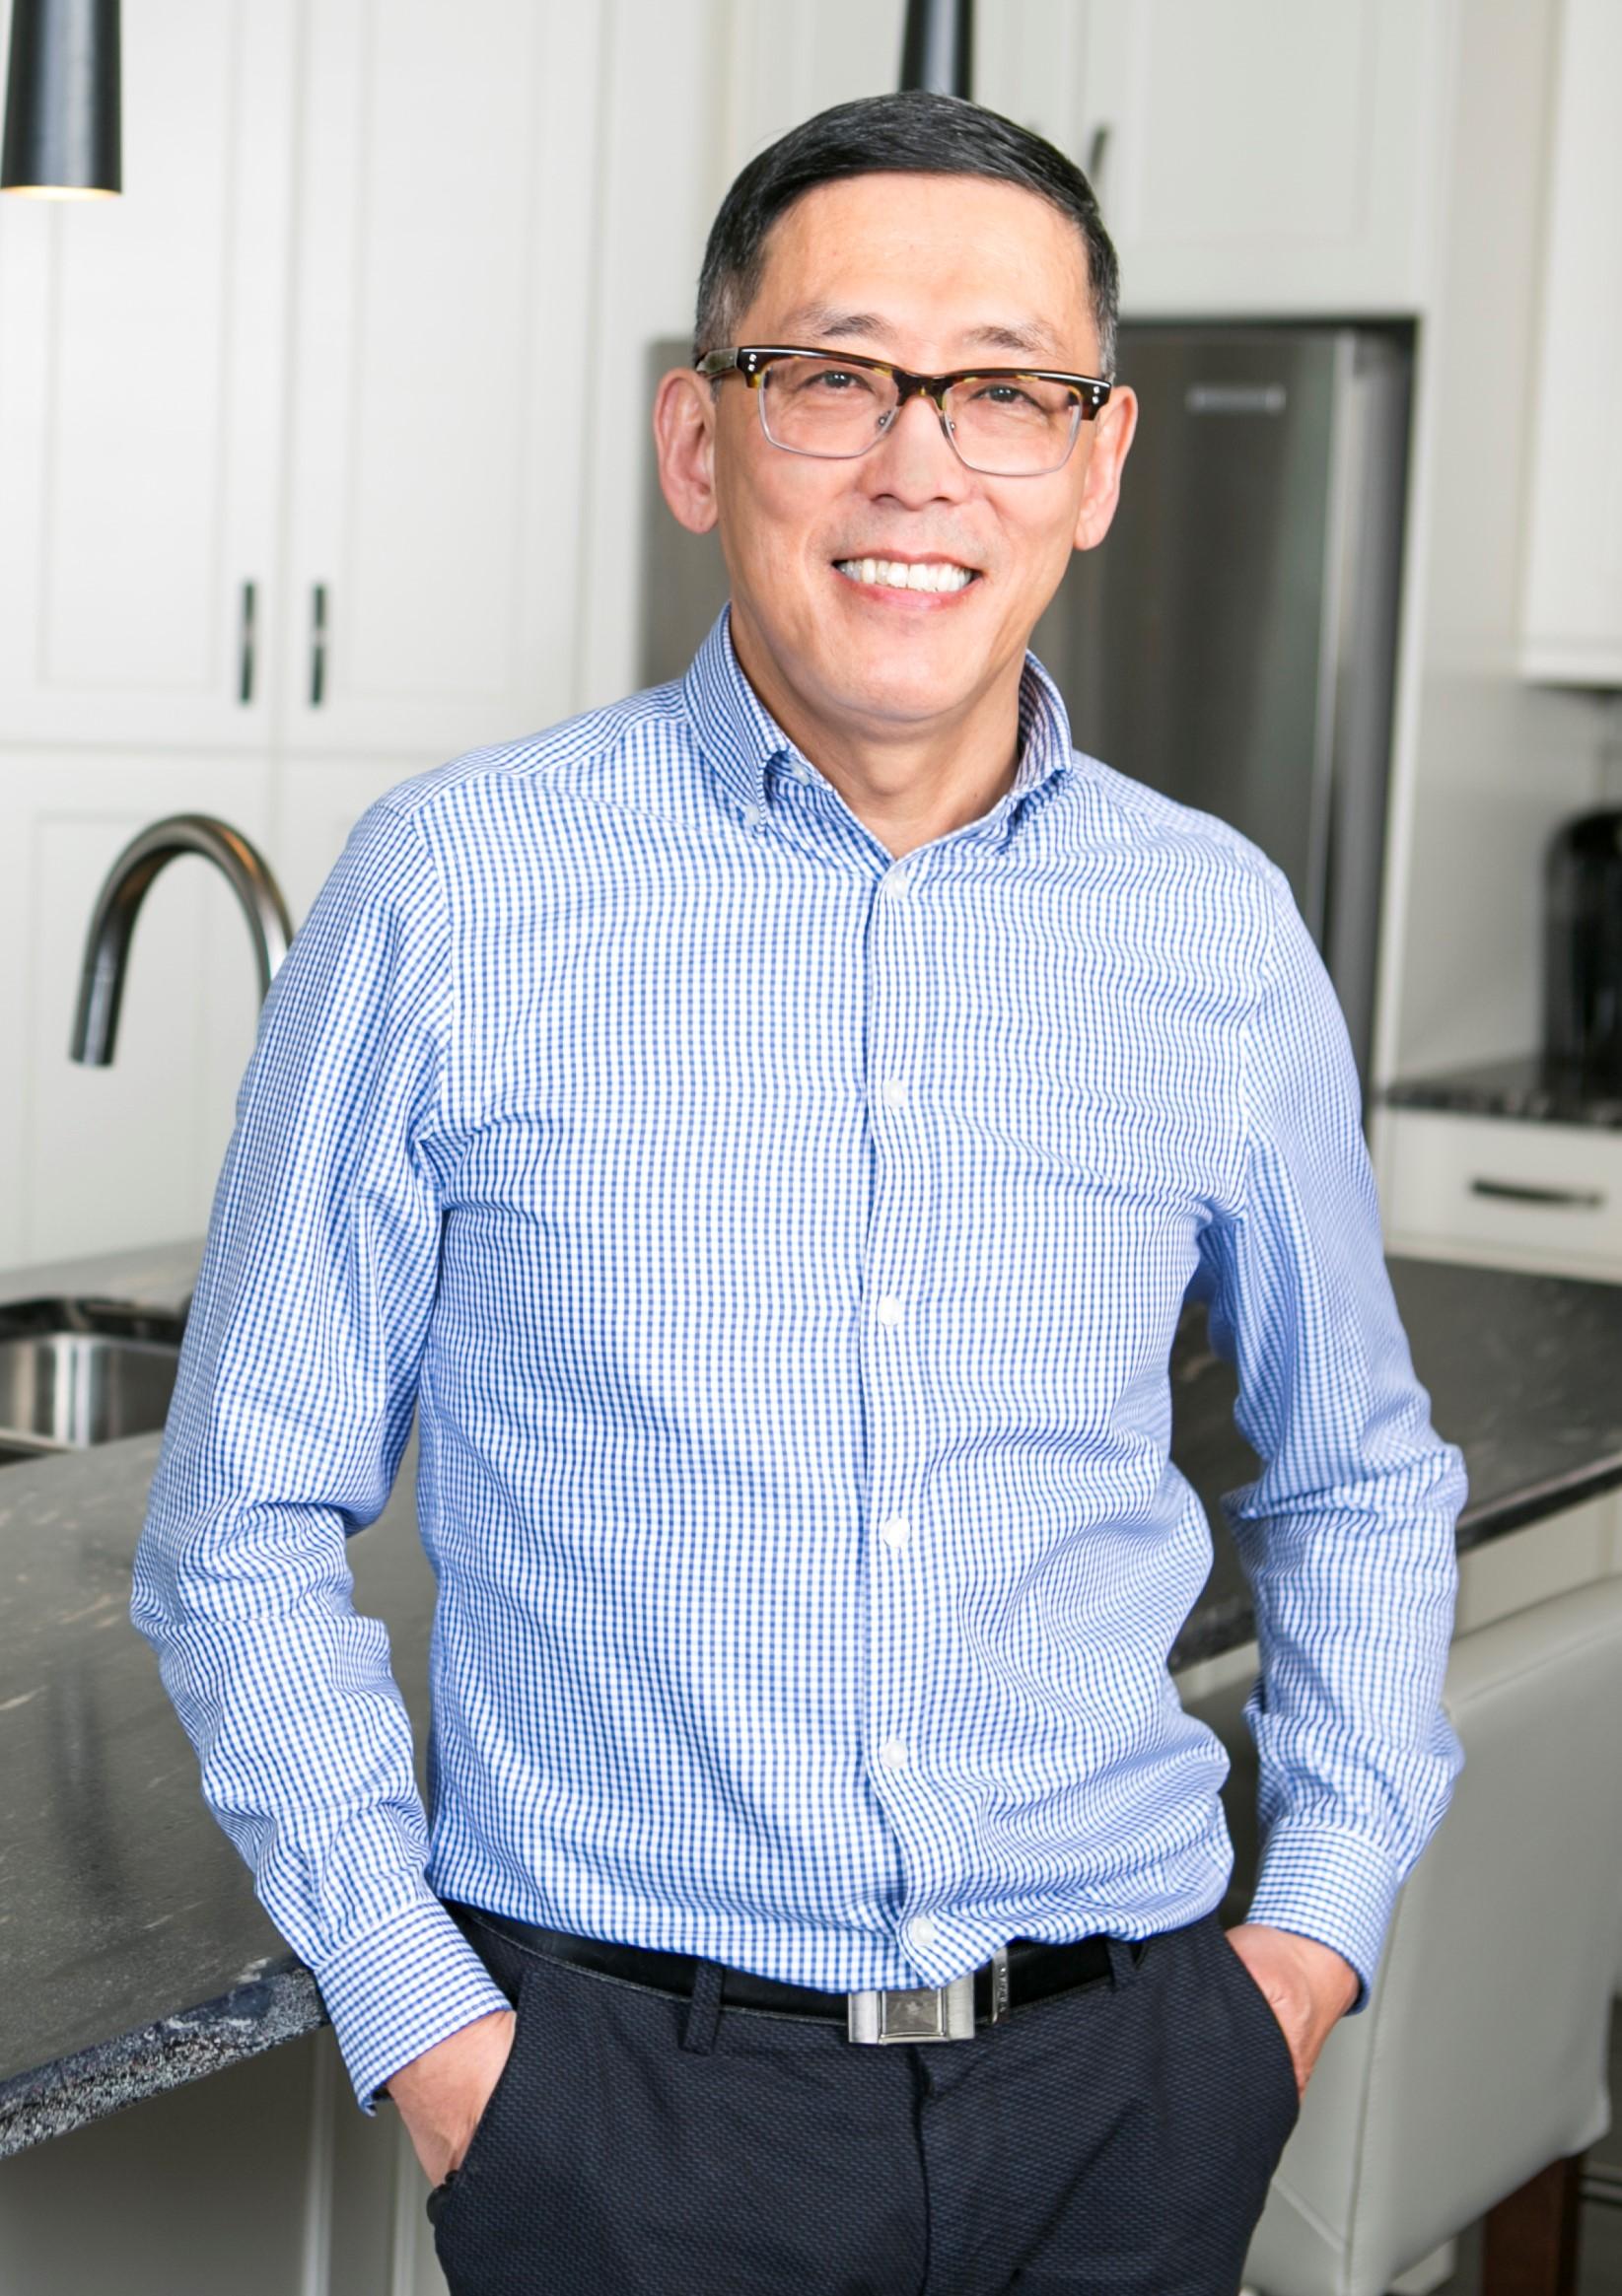 - 林先生在香港出生并在阿爾伯塔大學 (University of Alberta) 接受教育,於1991年開始他的房地產事業,在知名本地地產機構從業,累積了超過25年的房地產業經驗,現已成為加拿大銷售業績排名前5%的地產經紀。林先生非常熟悉本地的地區和文化,並已成為在加拿大的銷售等方面的專家,其卓越服務深得公司及客戶的認同。同時配備有房屋裝修,銀行按揭等的一條龍的專業服務團隊。林先生精通粵語、 普通話及英語,期望竭誠為您服務。